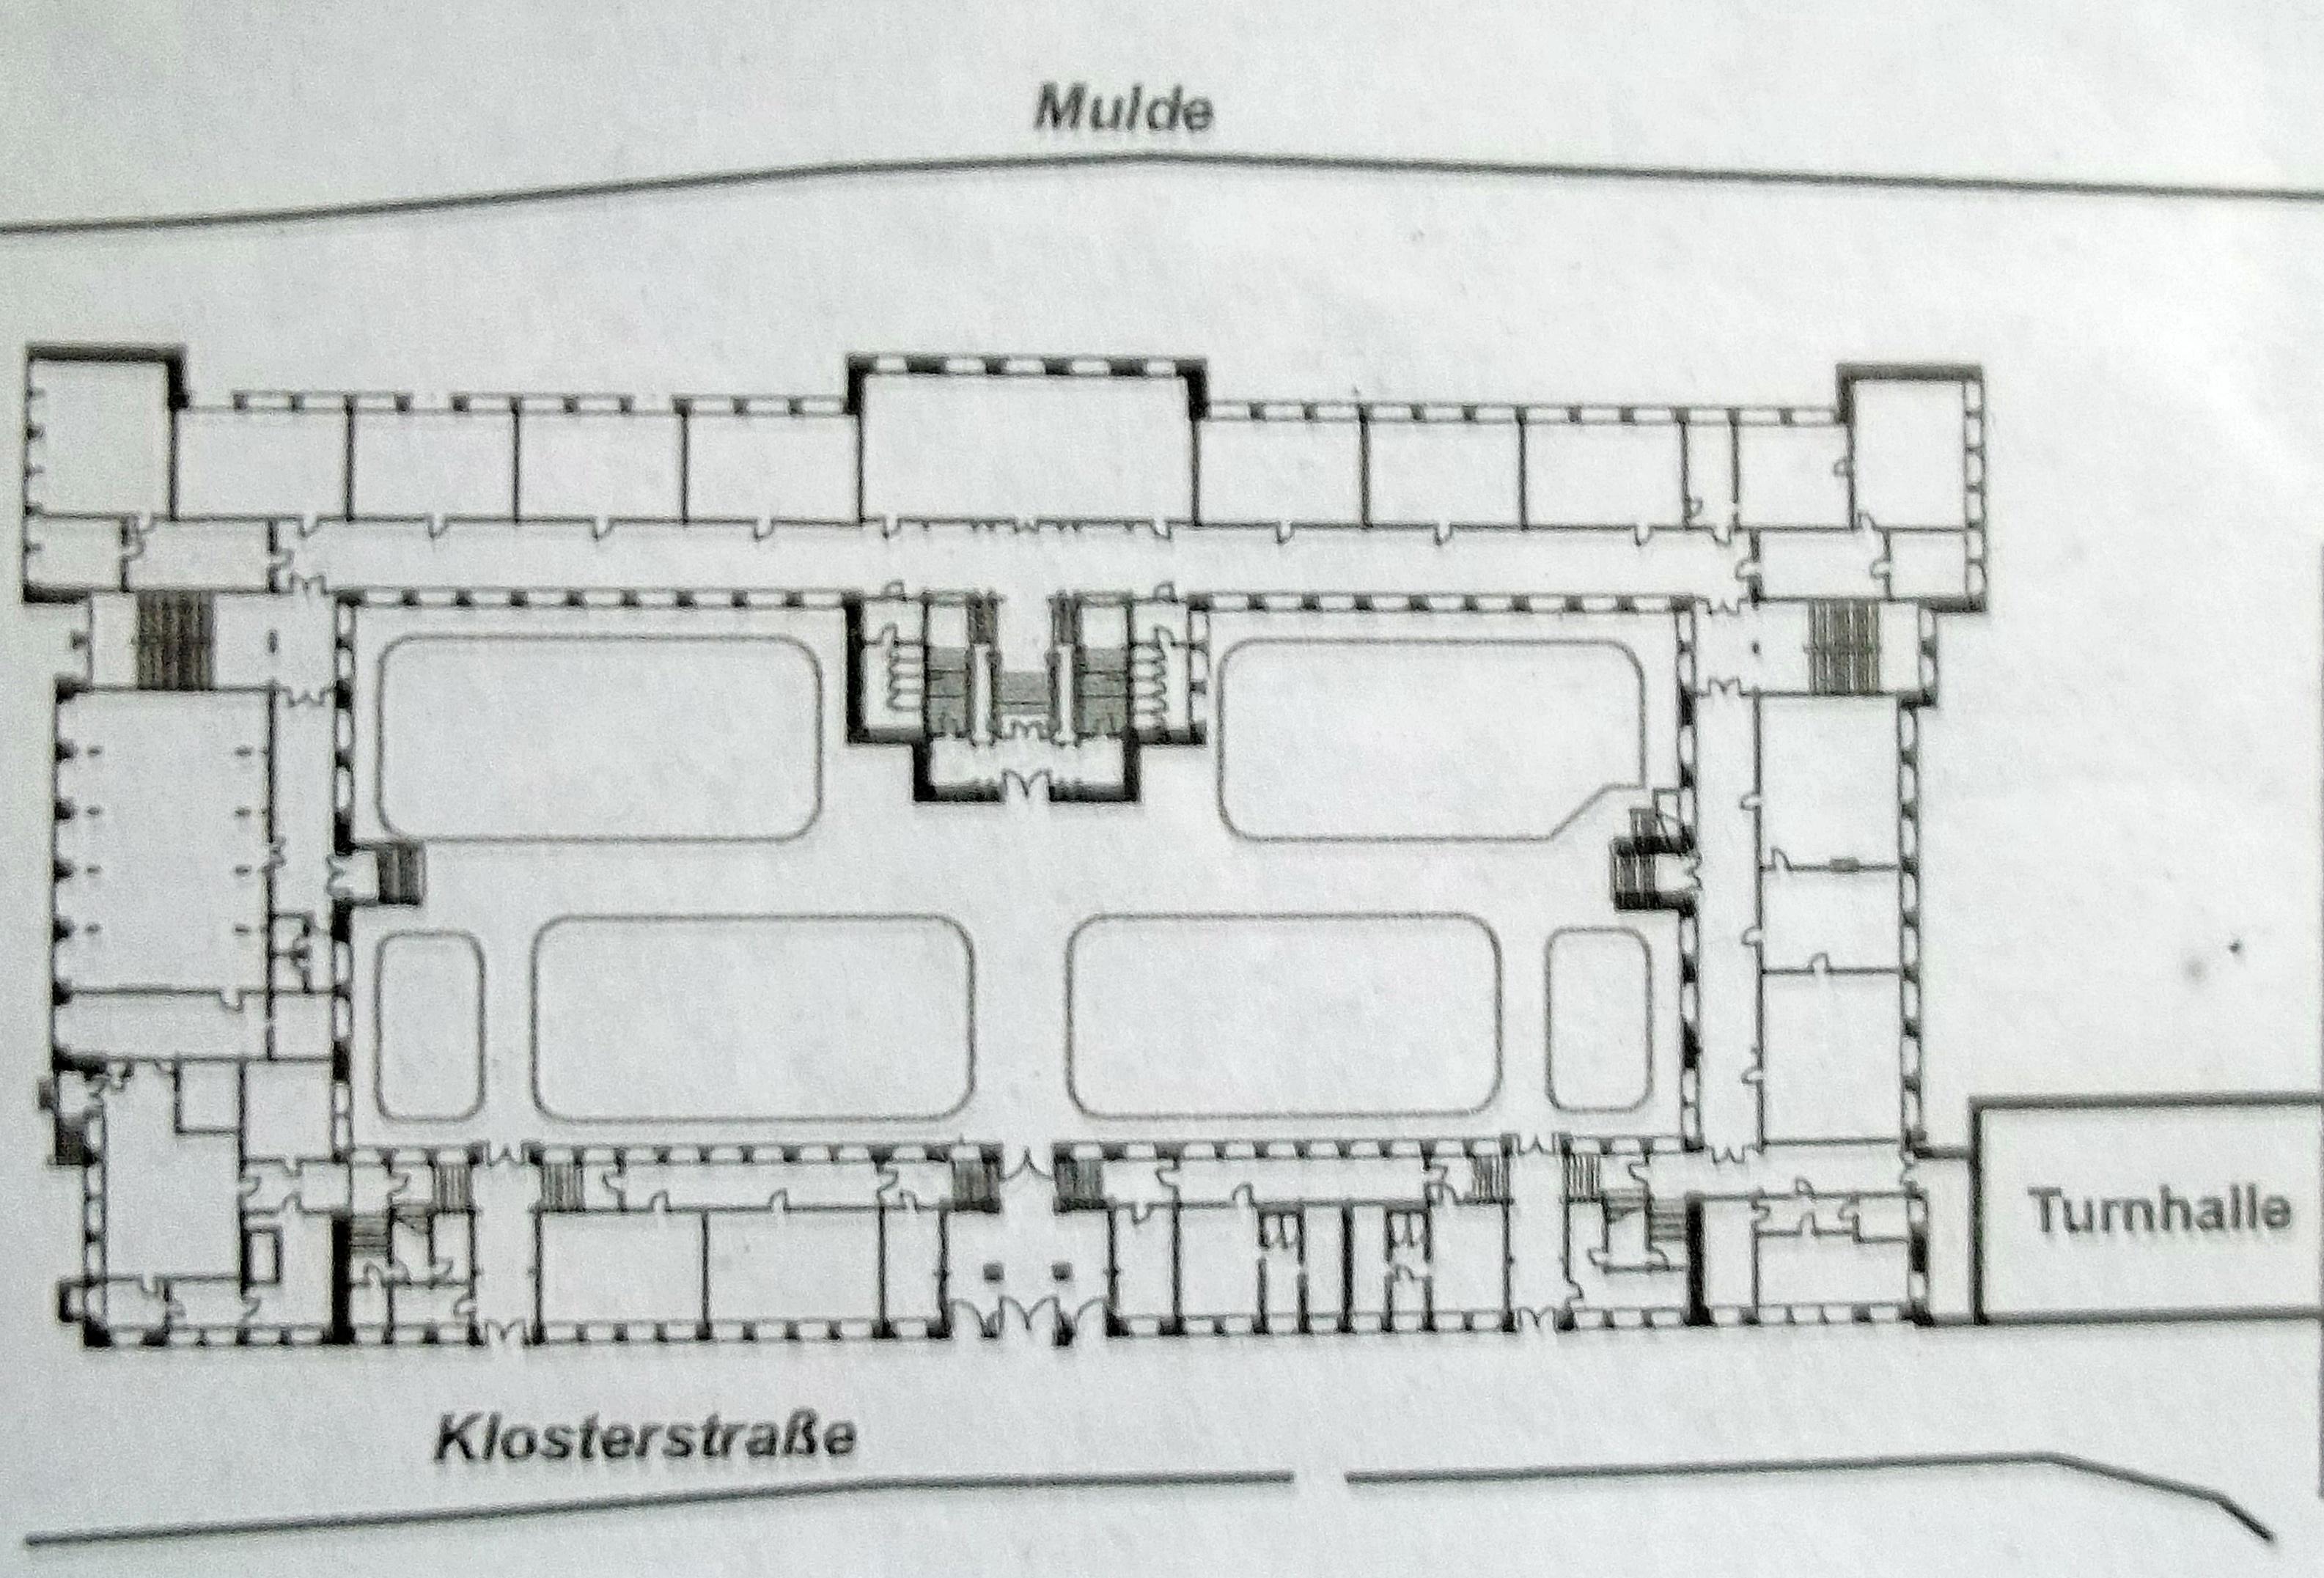 Ziemlich Meyers Pflügen Schaltplan Bilder - Verdrahtungsideen ...